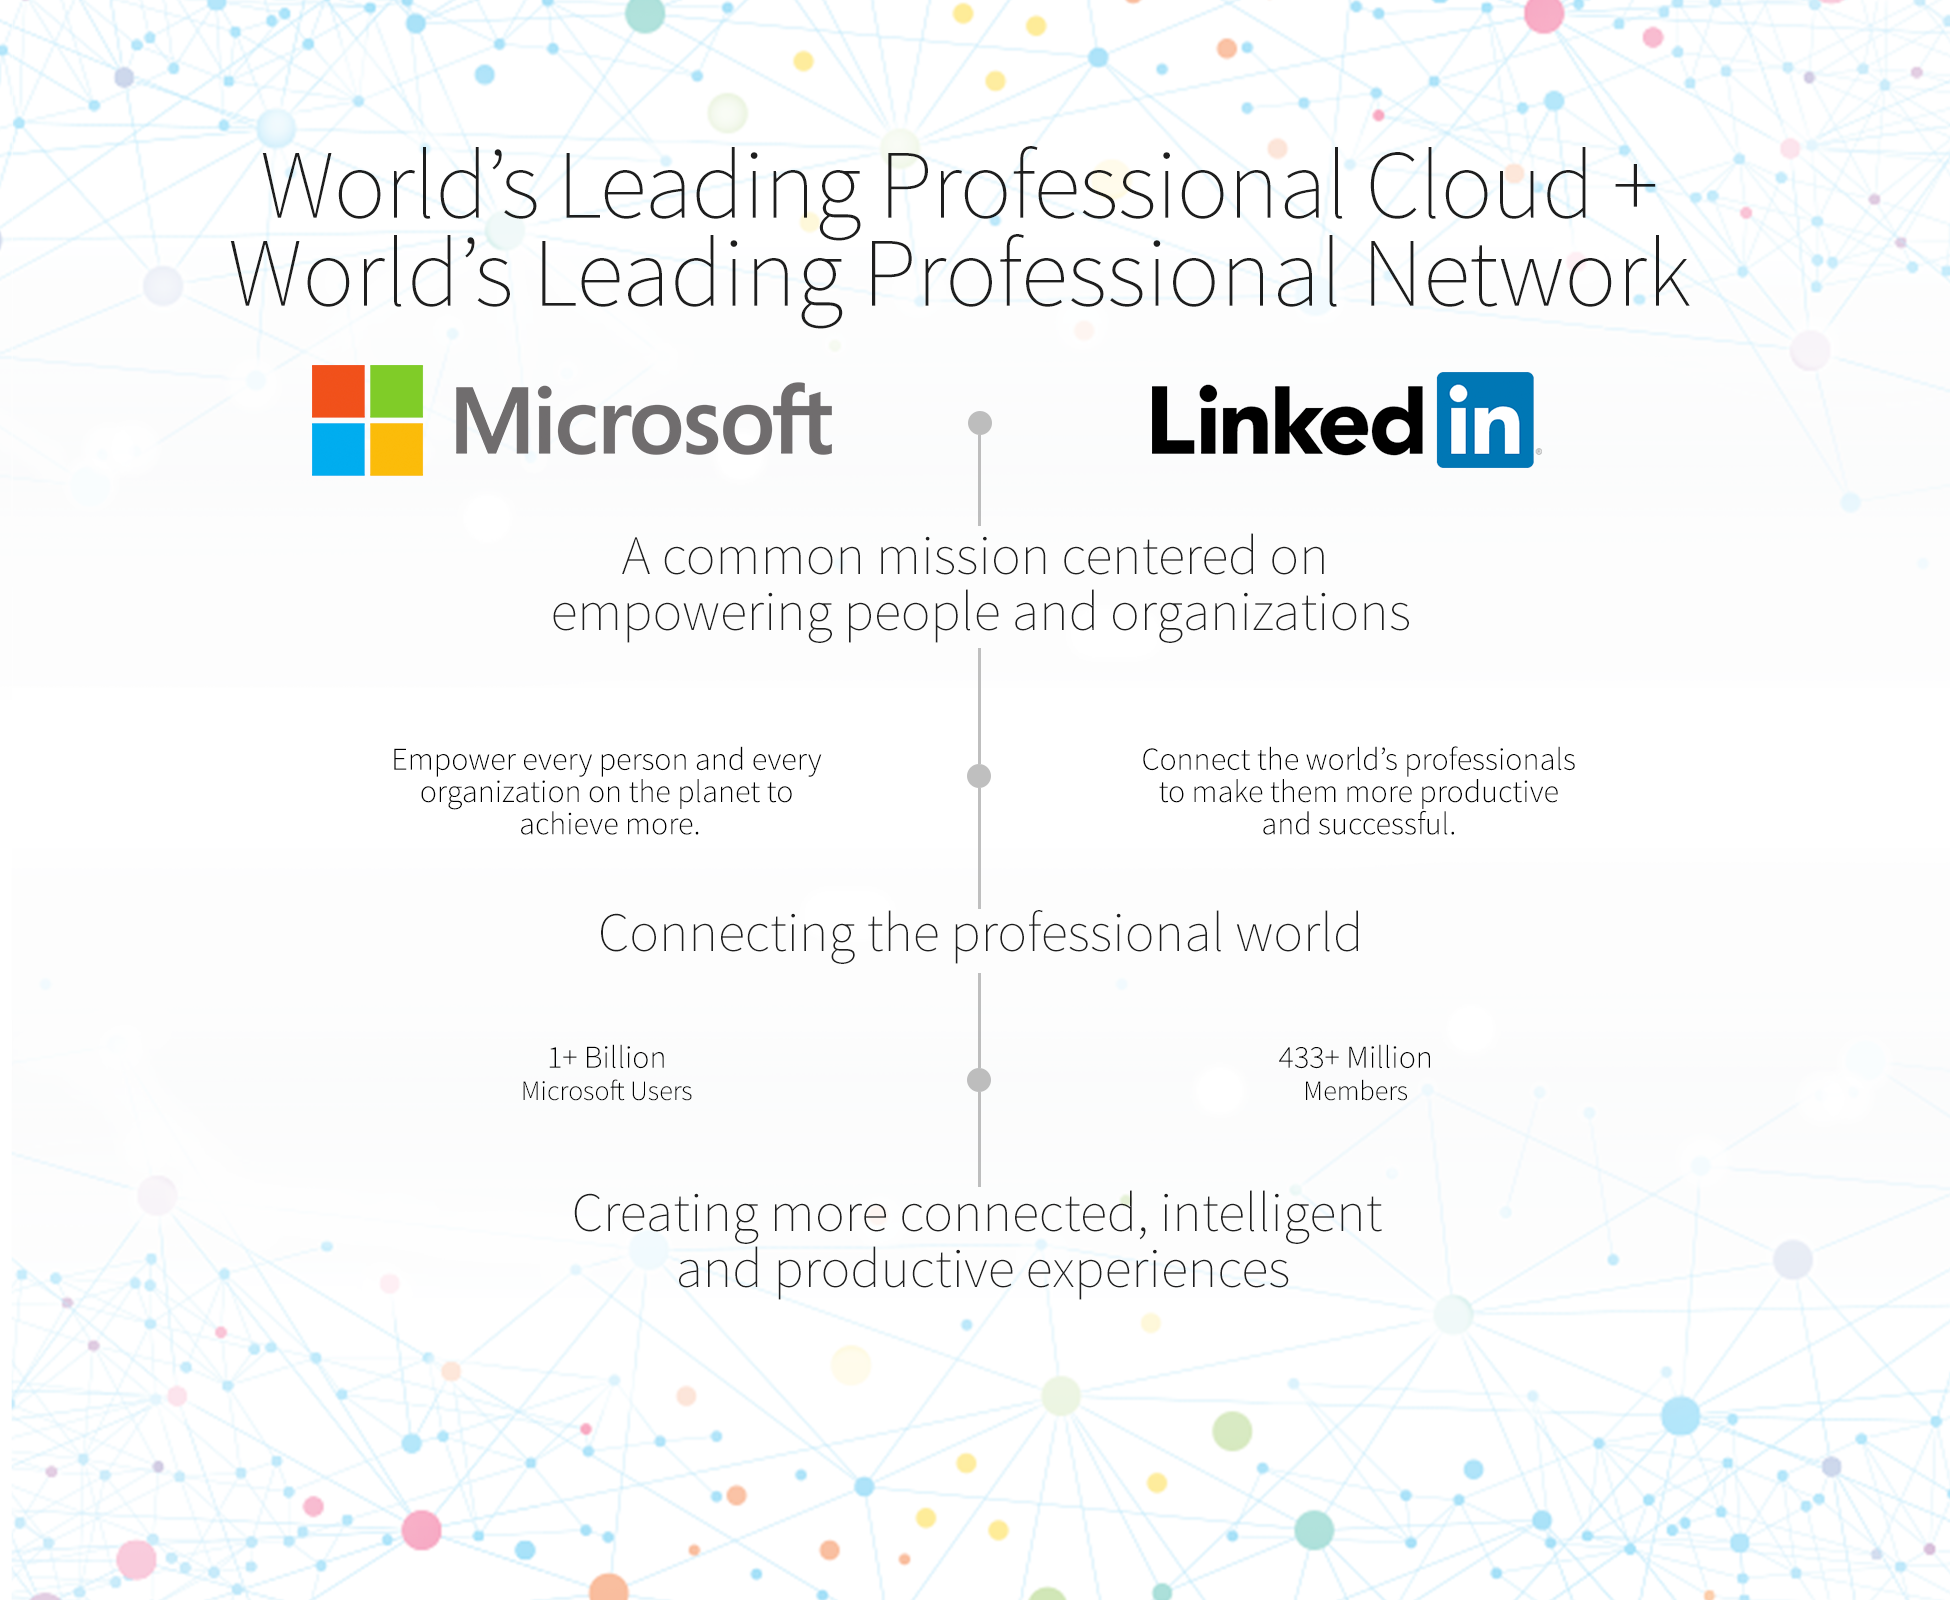 صورة مايكروسوفت تستحوذ على لينكدإن مقابل 26.2 مليار دولار